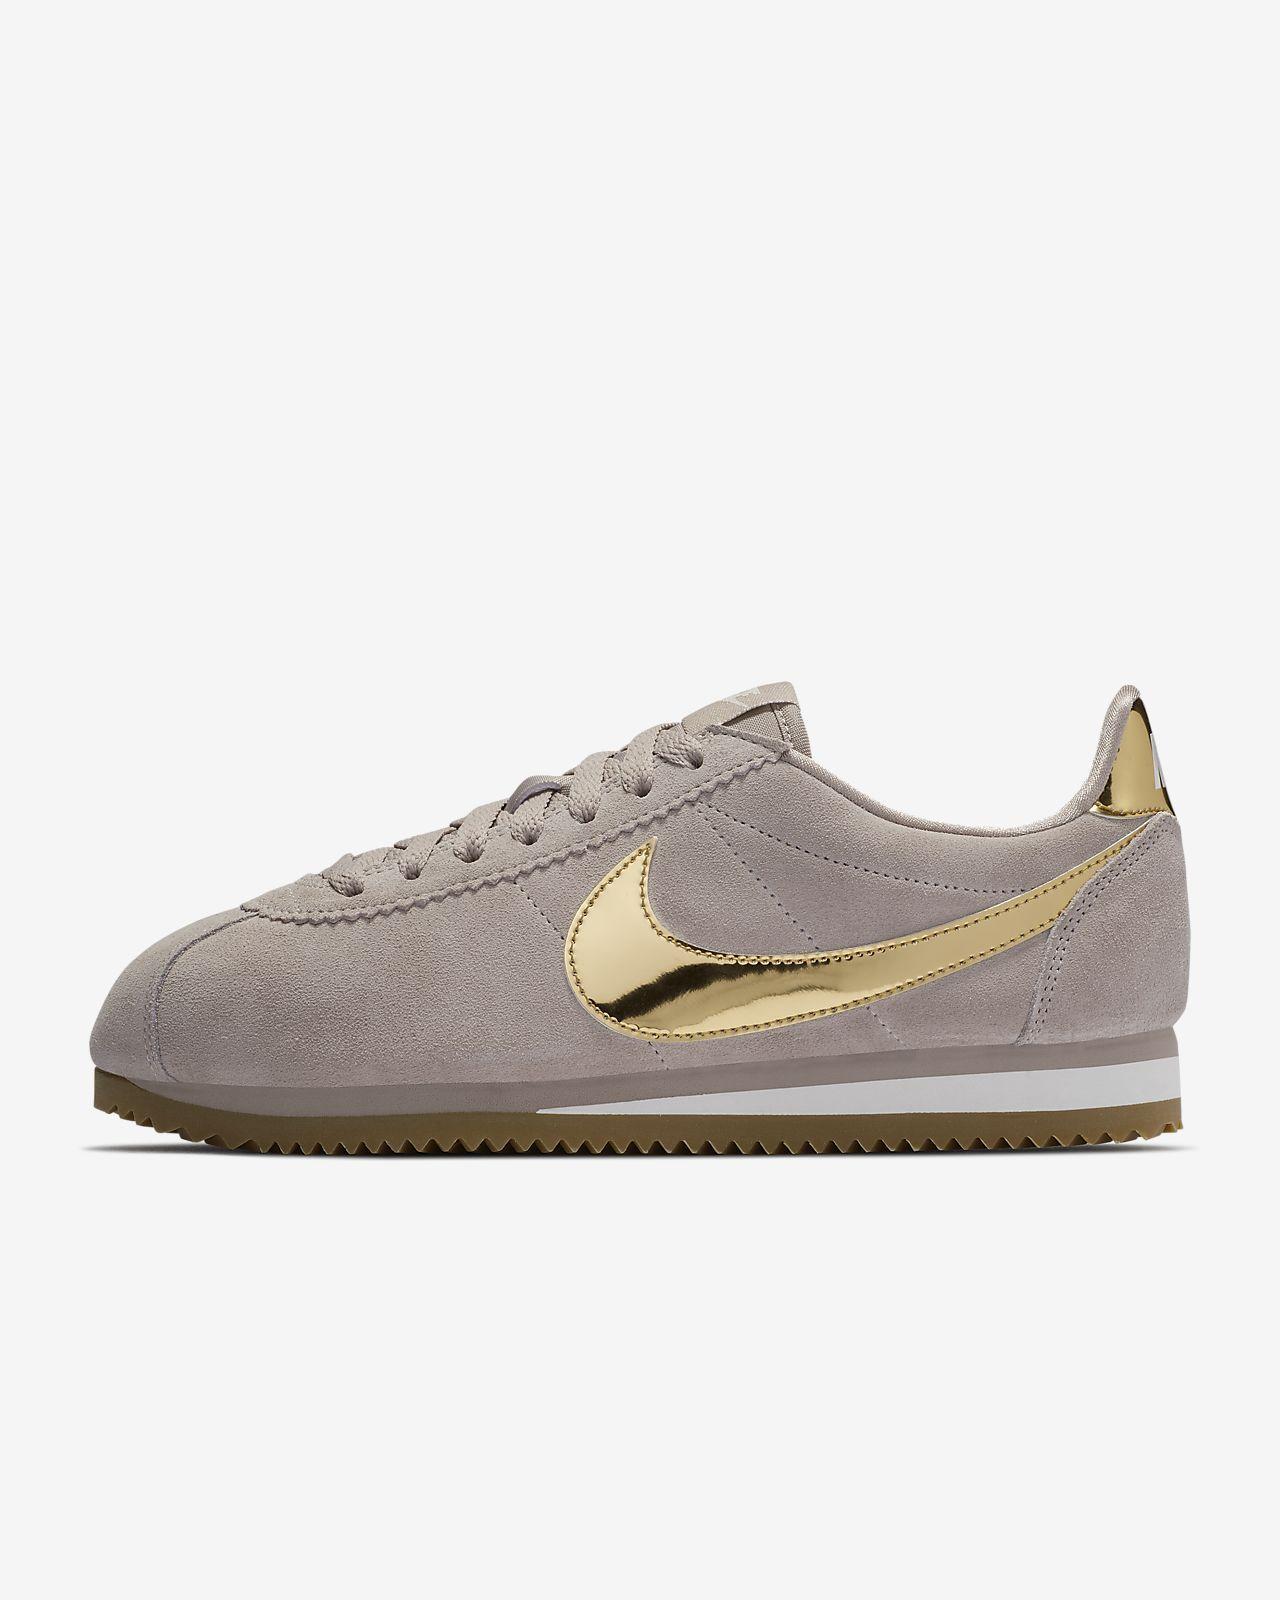 best service 2866c 18b24 Cortez SE Women's Shoe in 2019 | My Style | Nike cortez ...